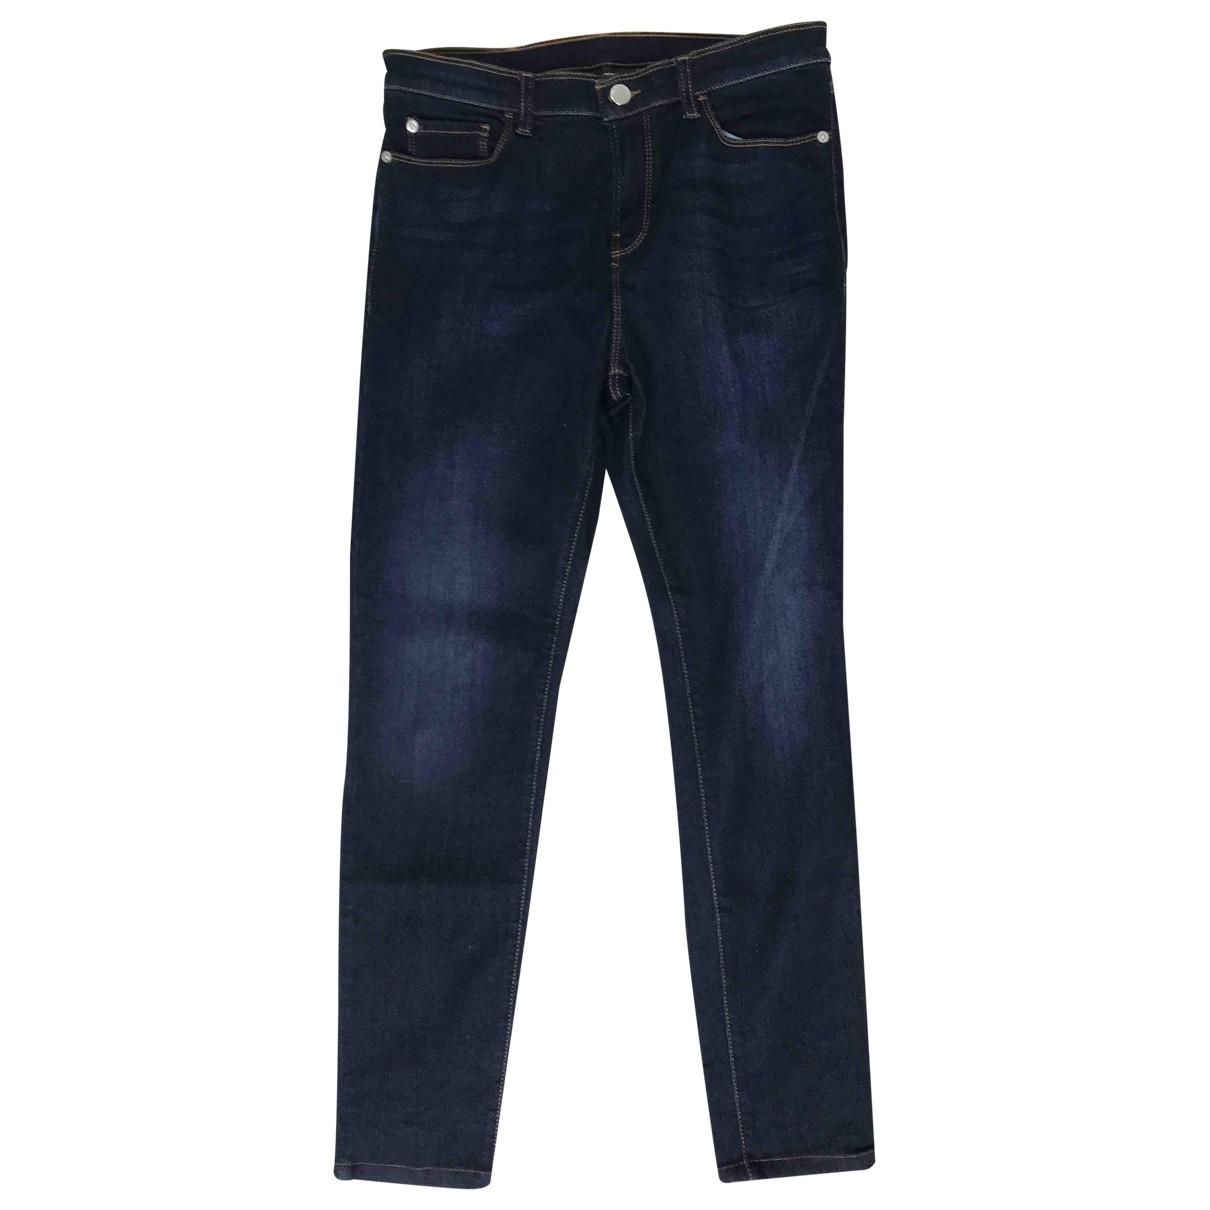 Emporio Armani \N Blue Cotton - elasthane Jeans for Women 30 US